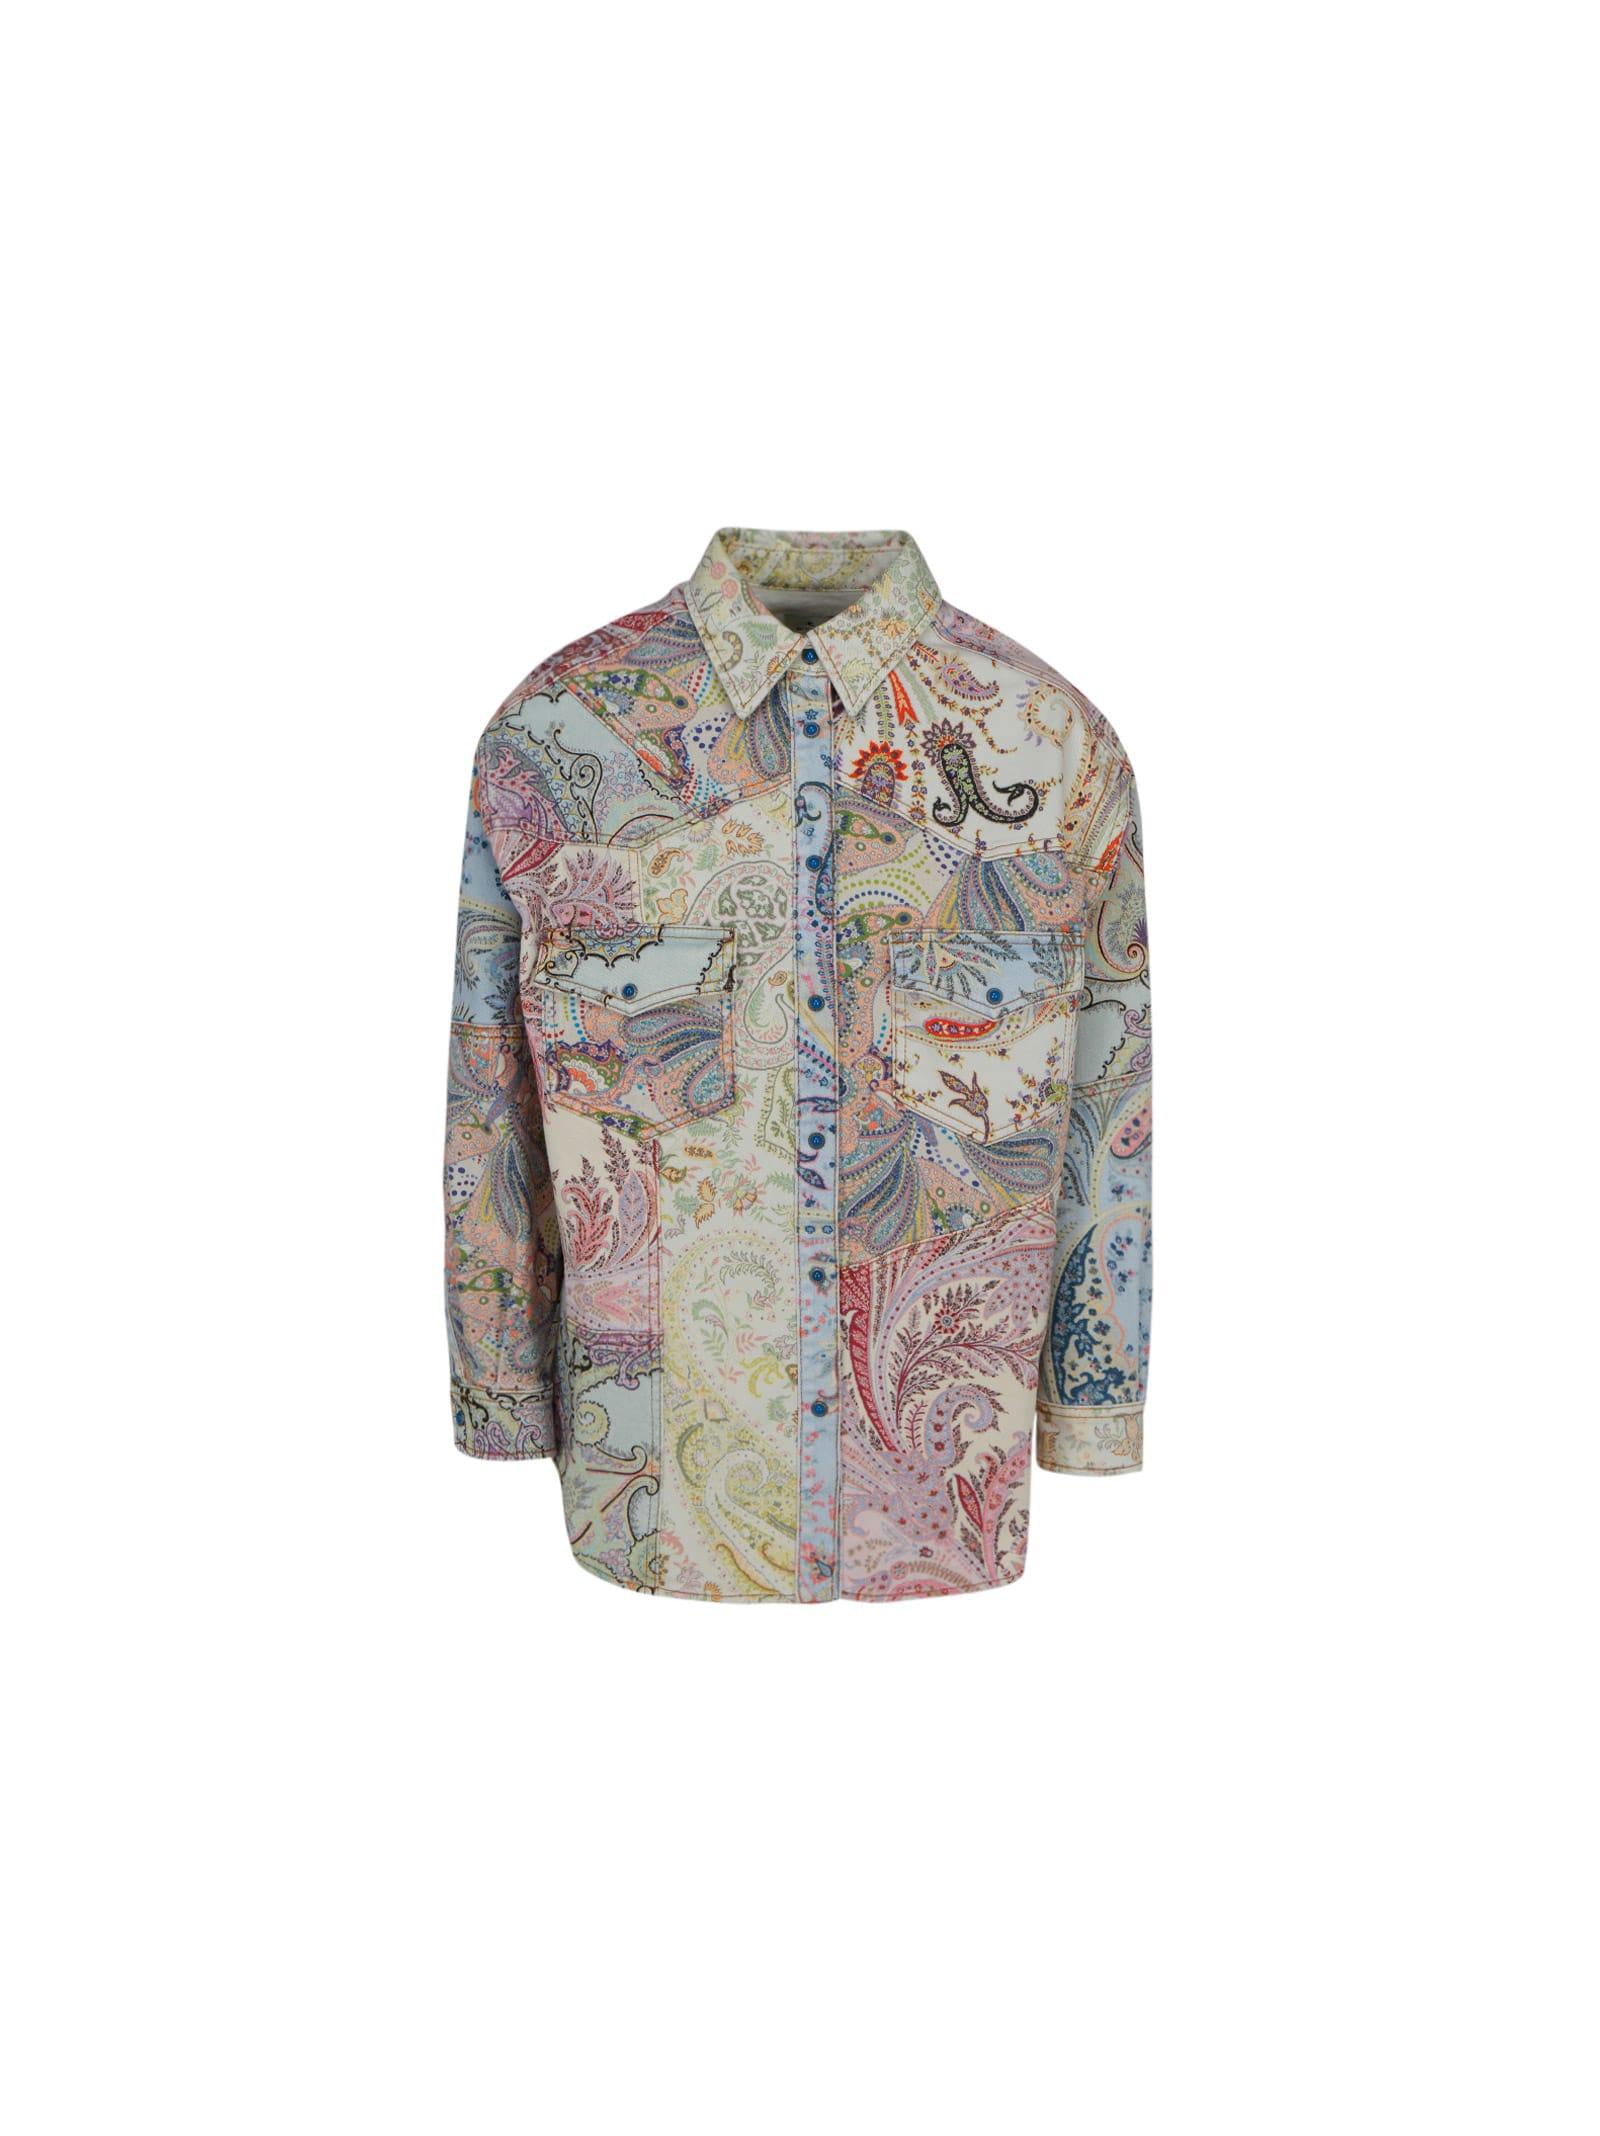 Etro Clothing DENIM JACKET